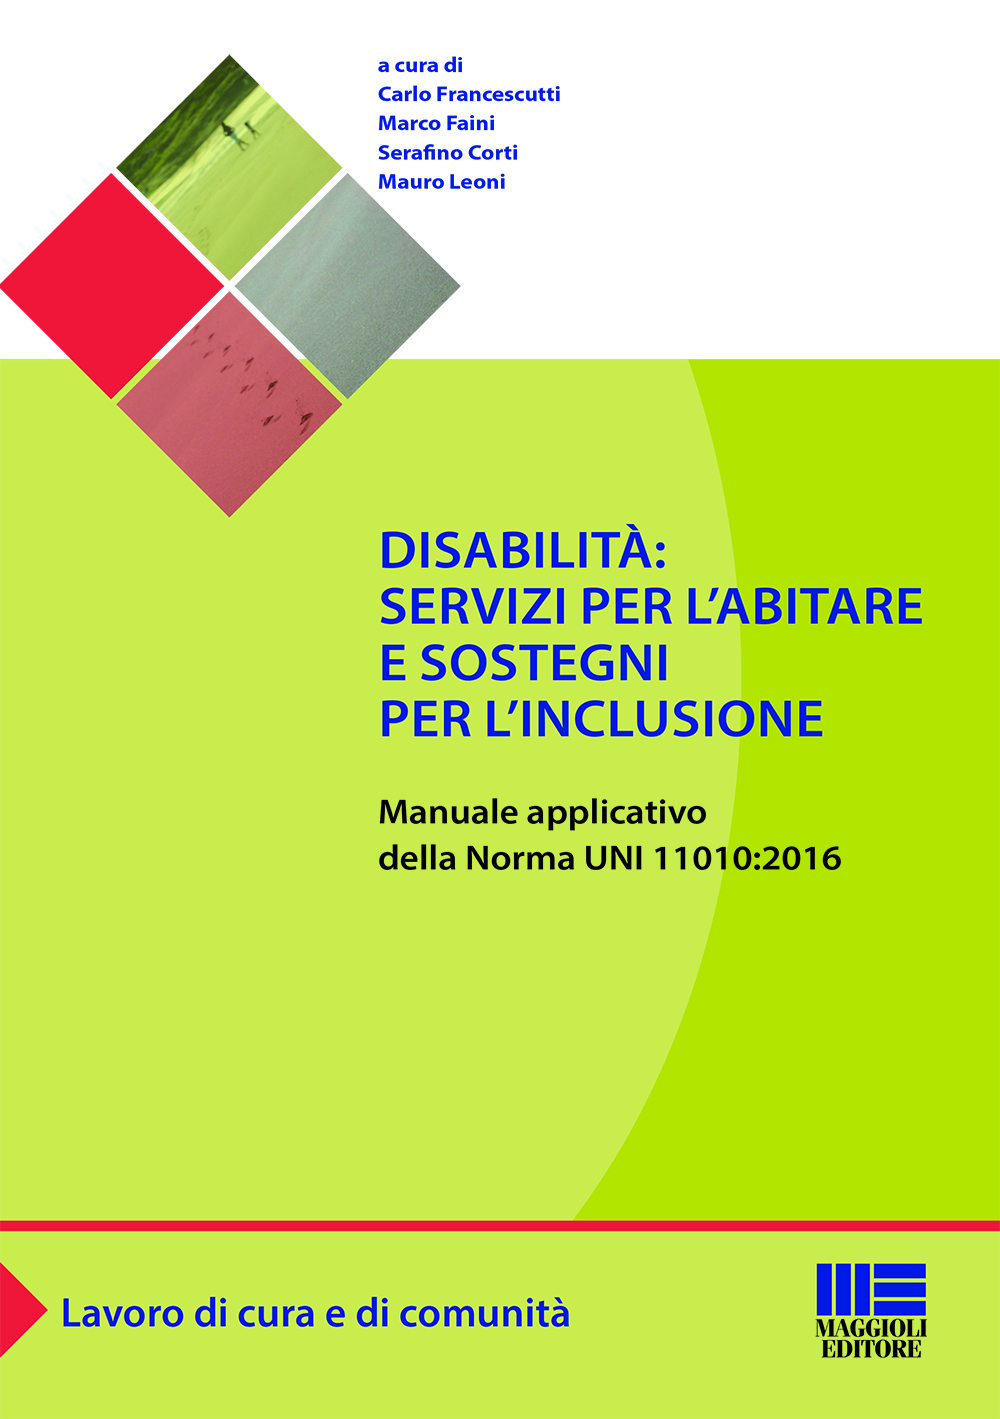 Disabilità: servizi per l'abitare e sostegni per l'inclusione